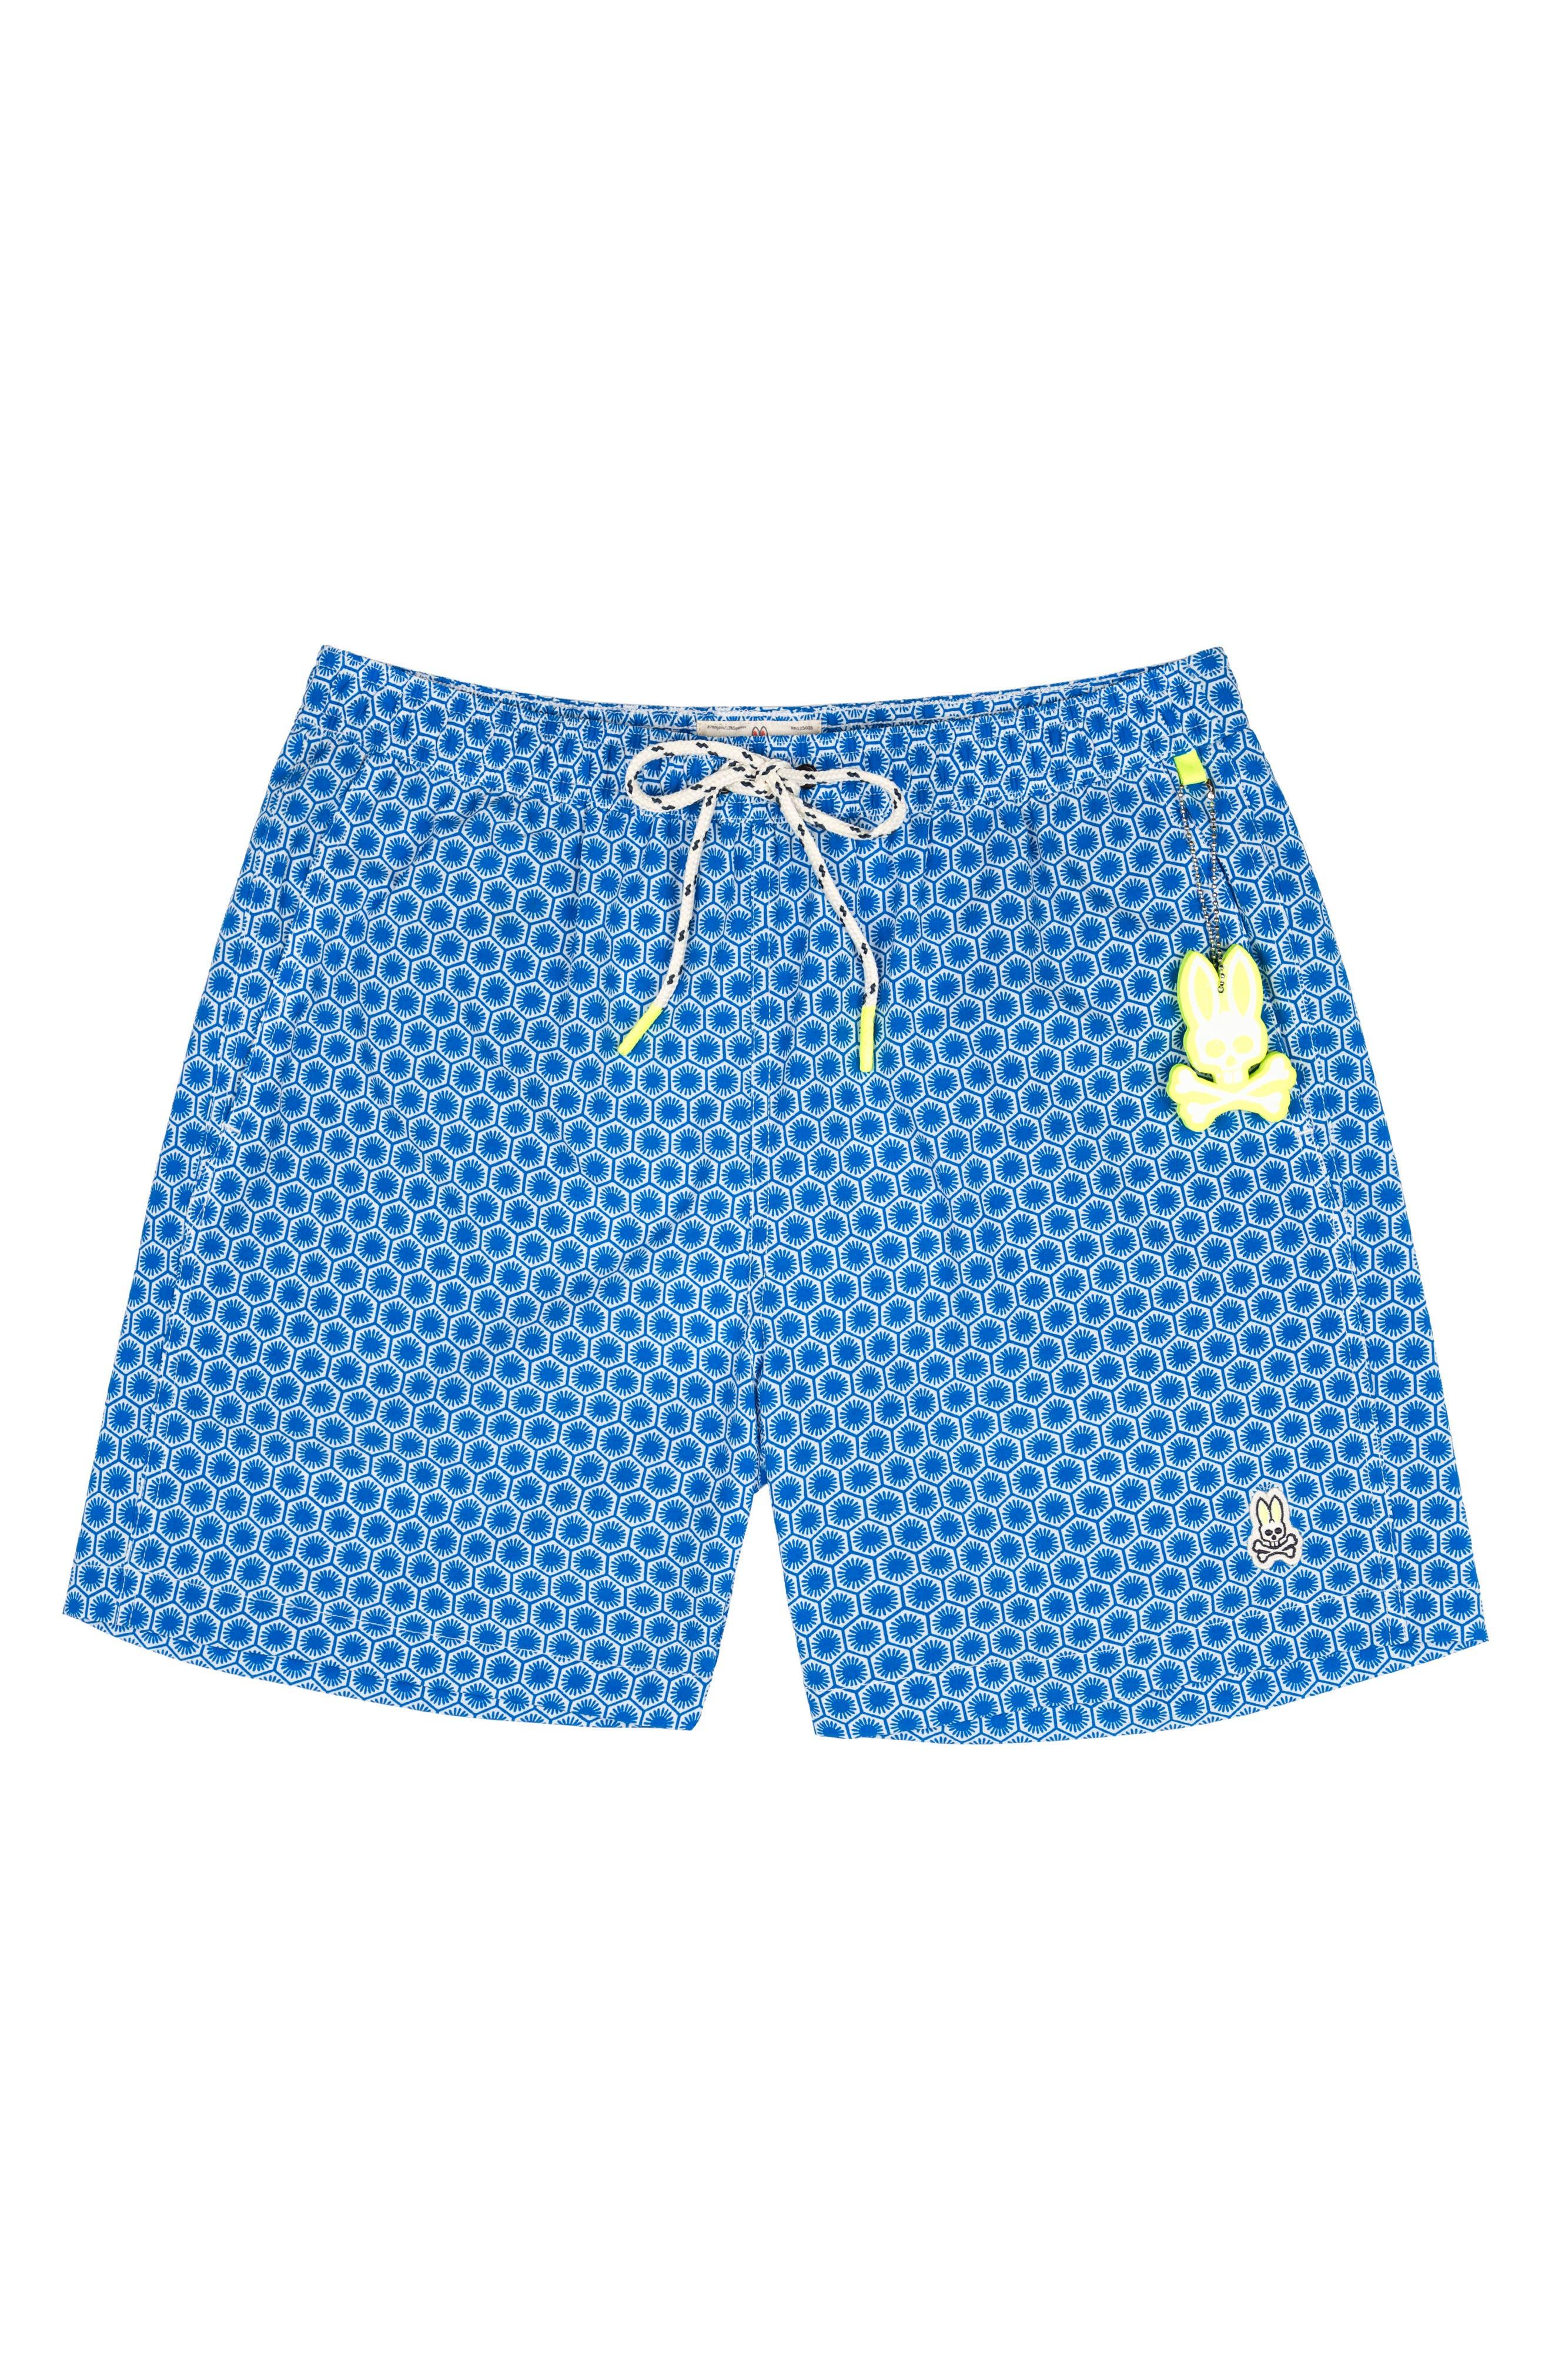 Honeycomb Board Shorts,                         Main,                         color, Columbia